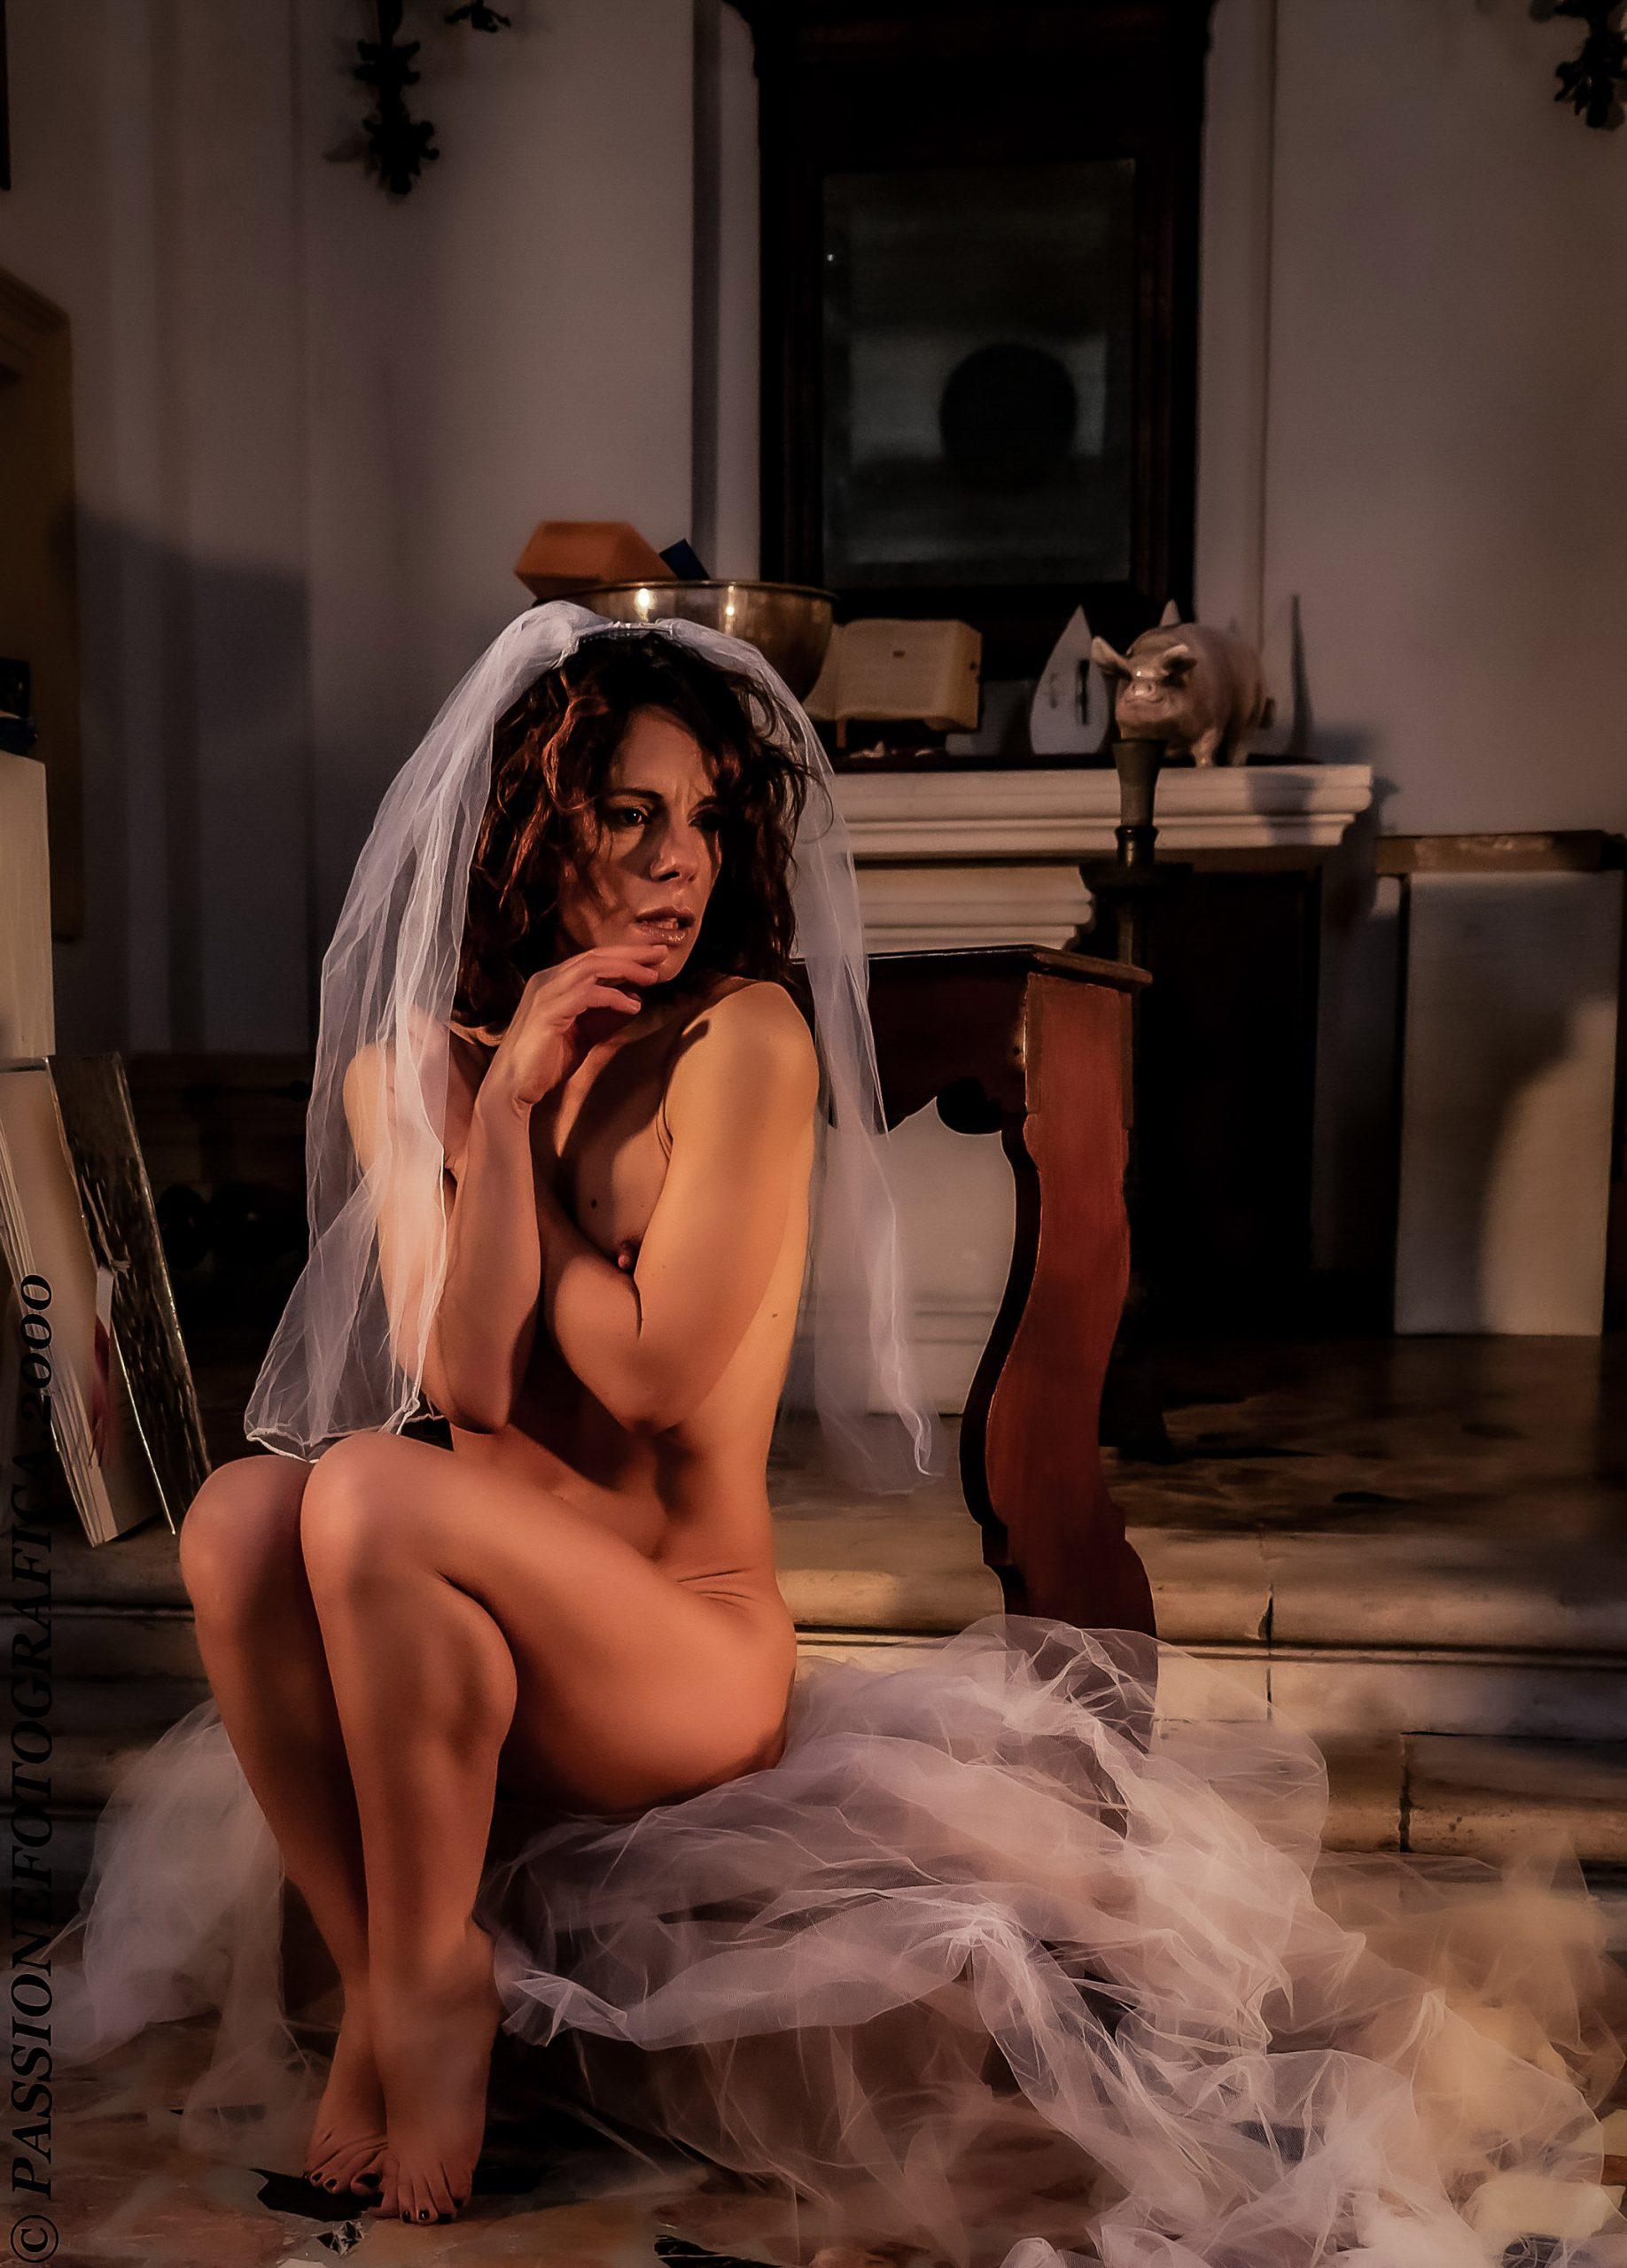 Categorie: Boudoir & Nude, Glamour; Photographer: @passionefotografica.2000; Model: JESSICA GRIGGIO; Location: Spazio Livein Villa Cà Dura, Via Balla, Villafranca padovana, PD, Italia